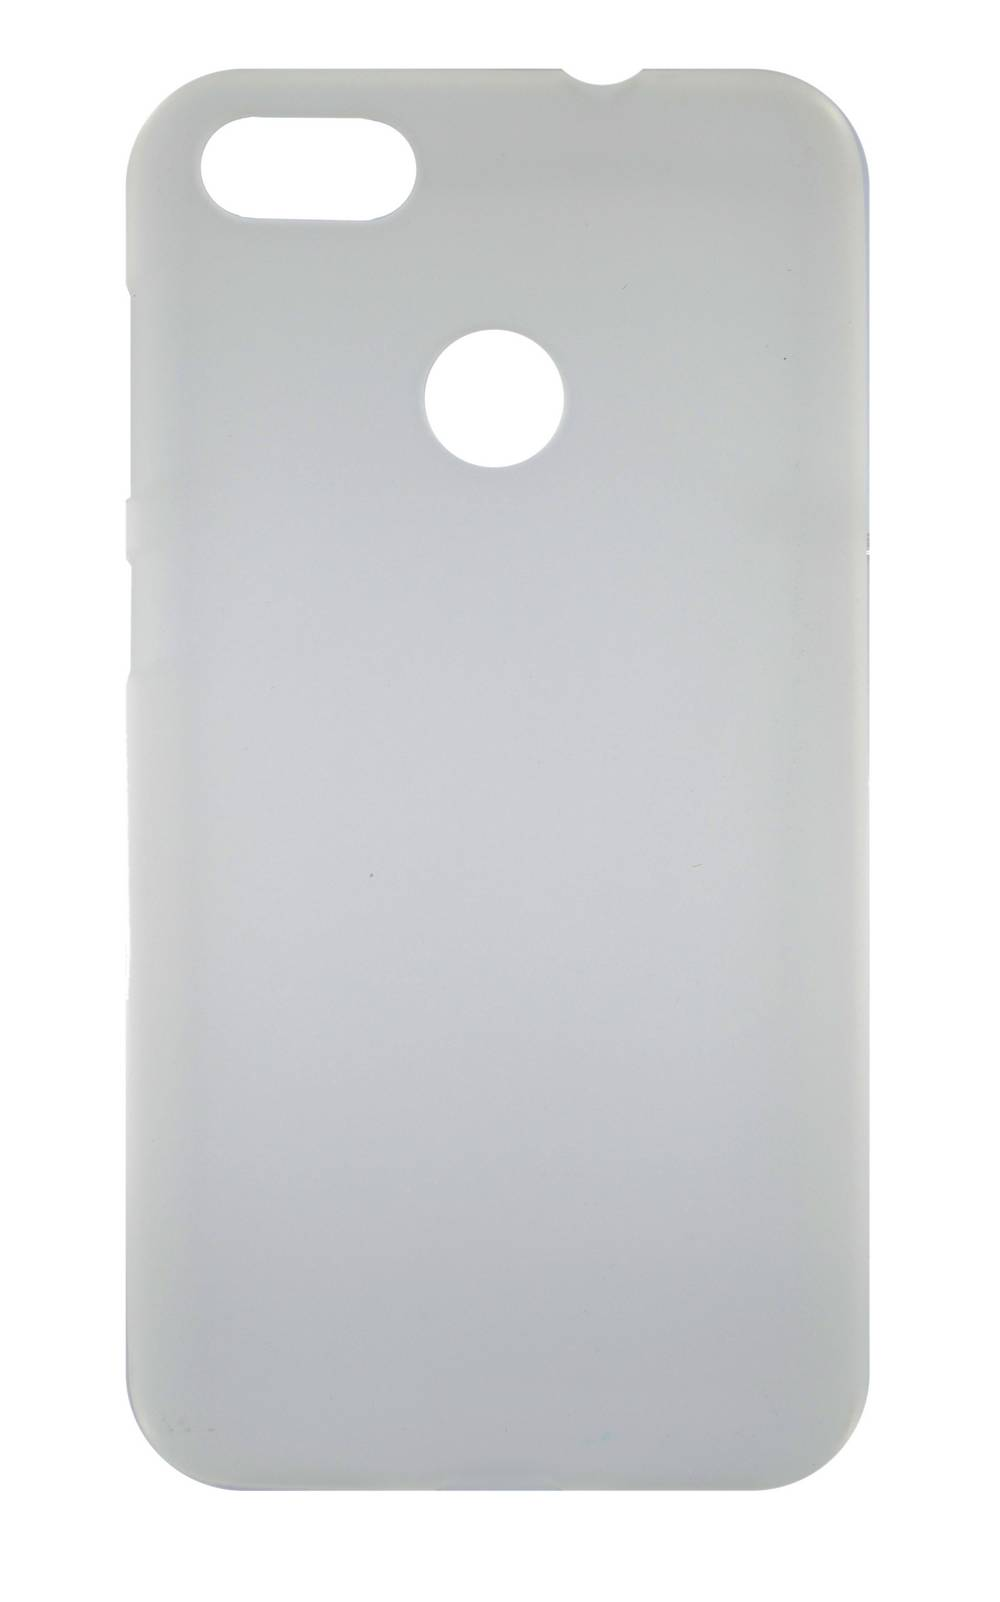 Θήκη TPU Ancus για Huawei P9 Lite Mini / Y6 Pro (2017) Frost - Διάφανη